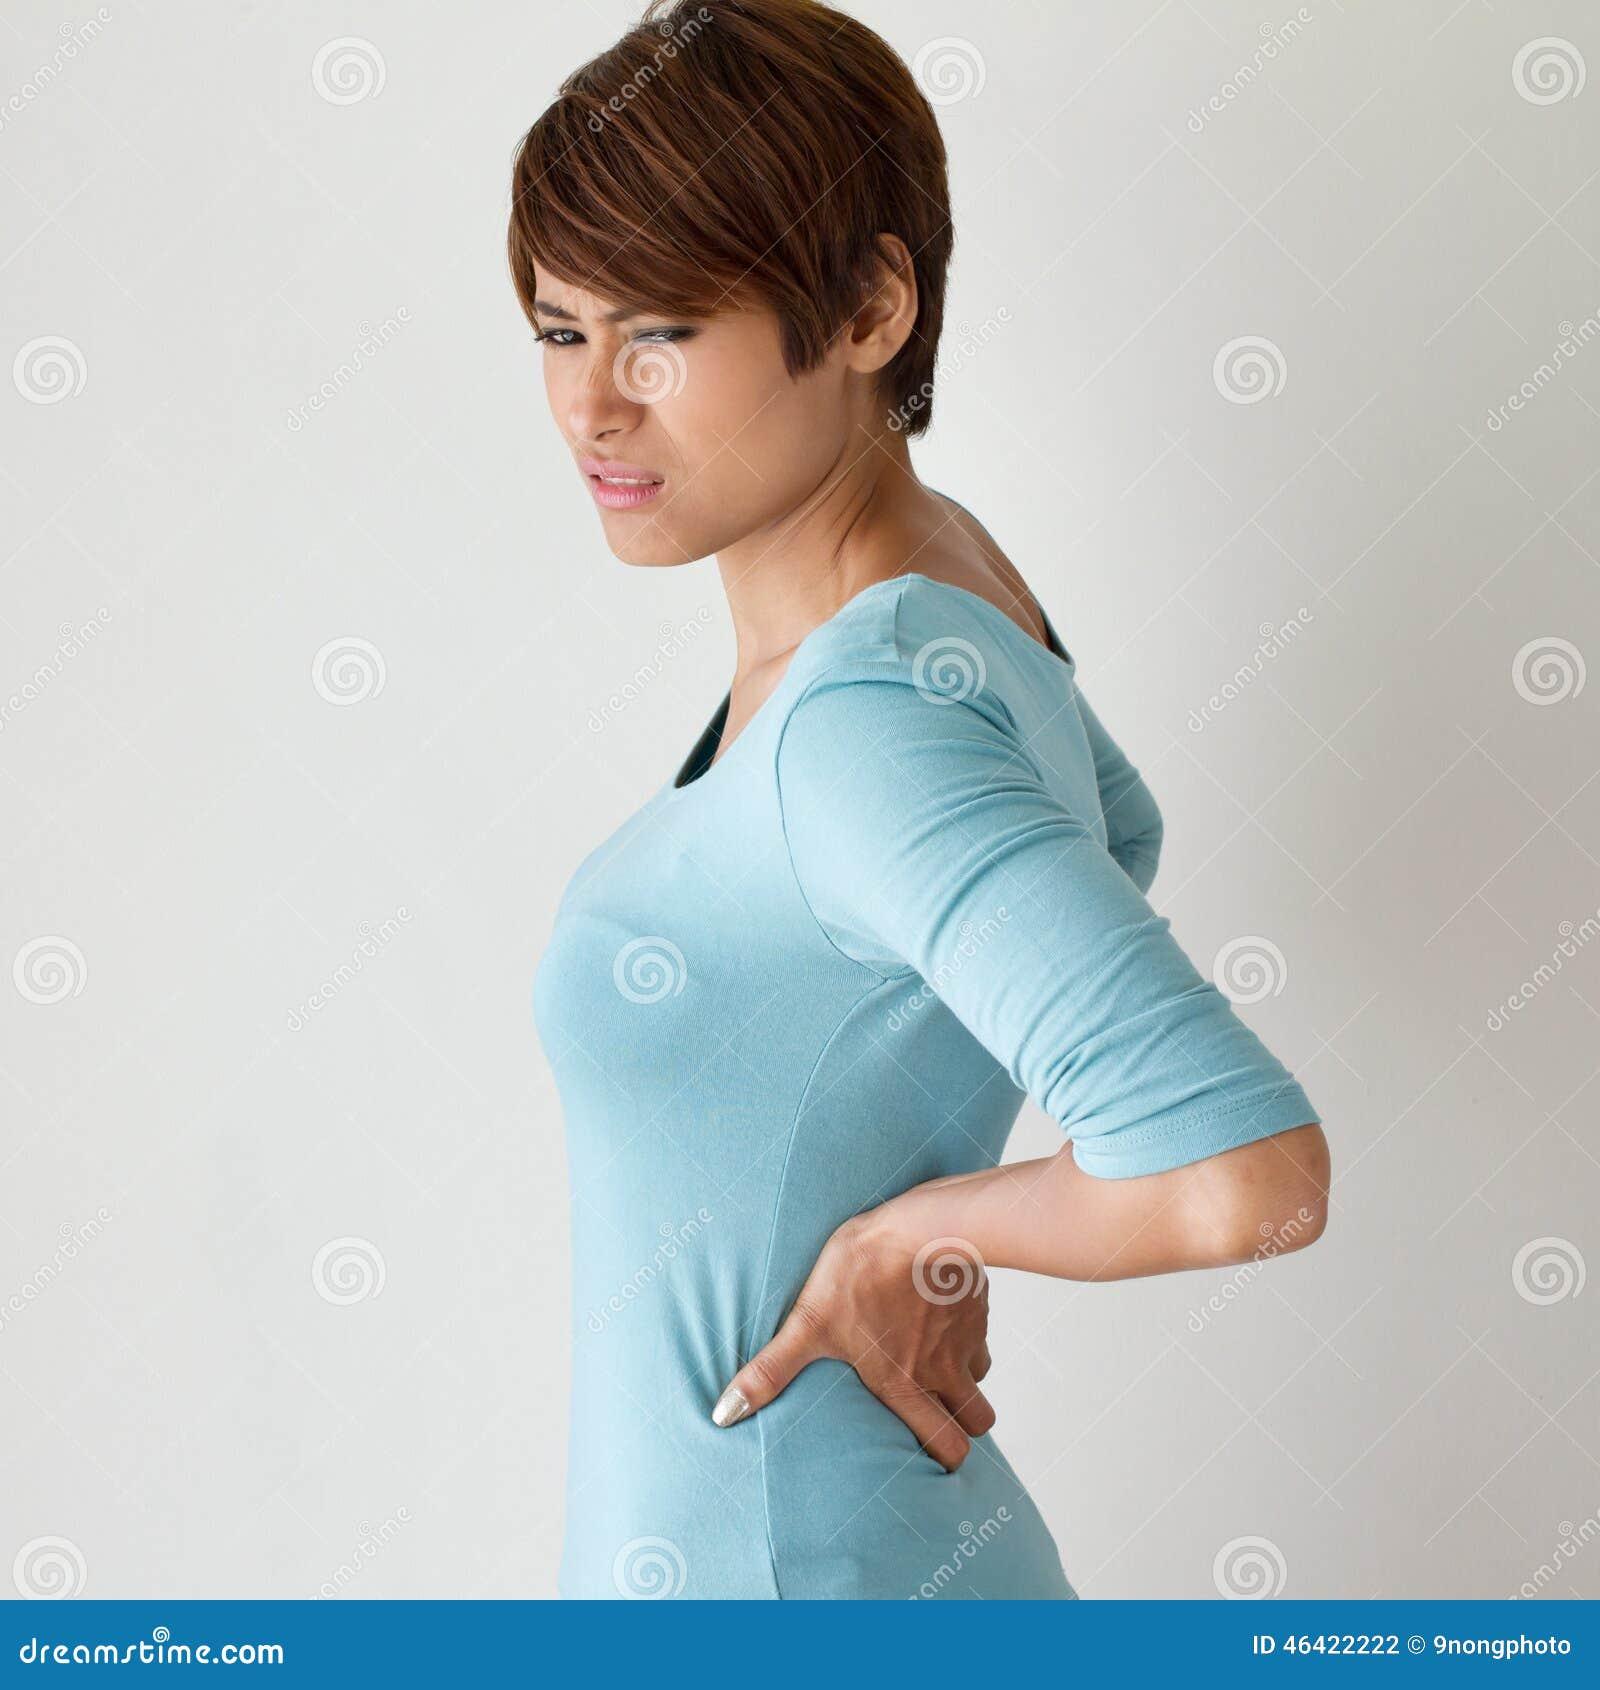 Kobieta cierpi od bólu pleców, pojęcie biurowy syndrom